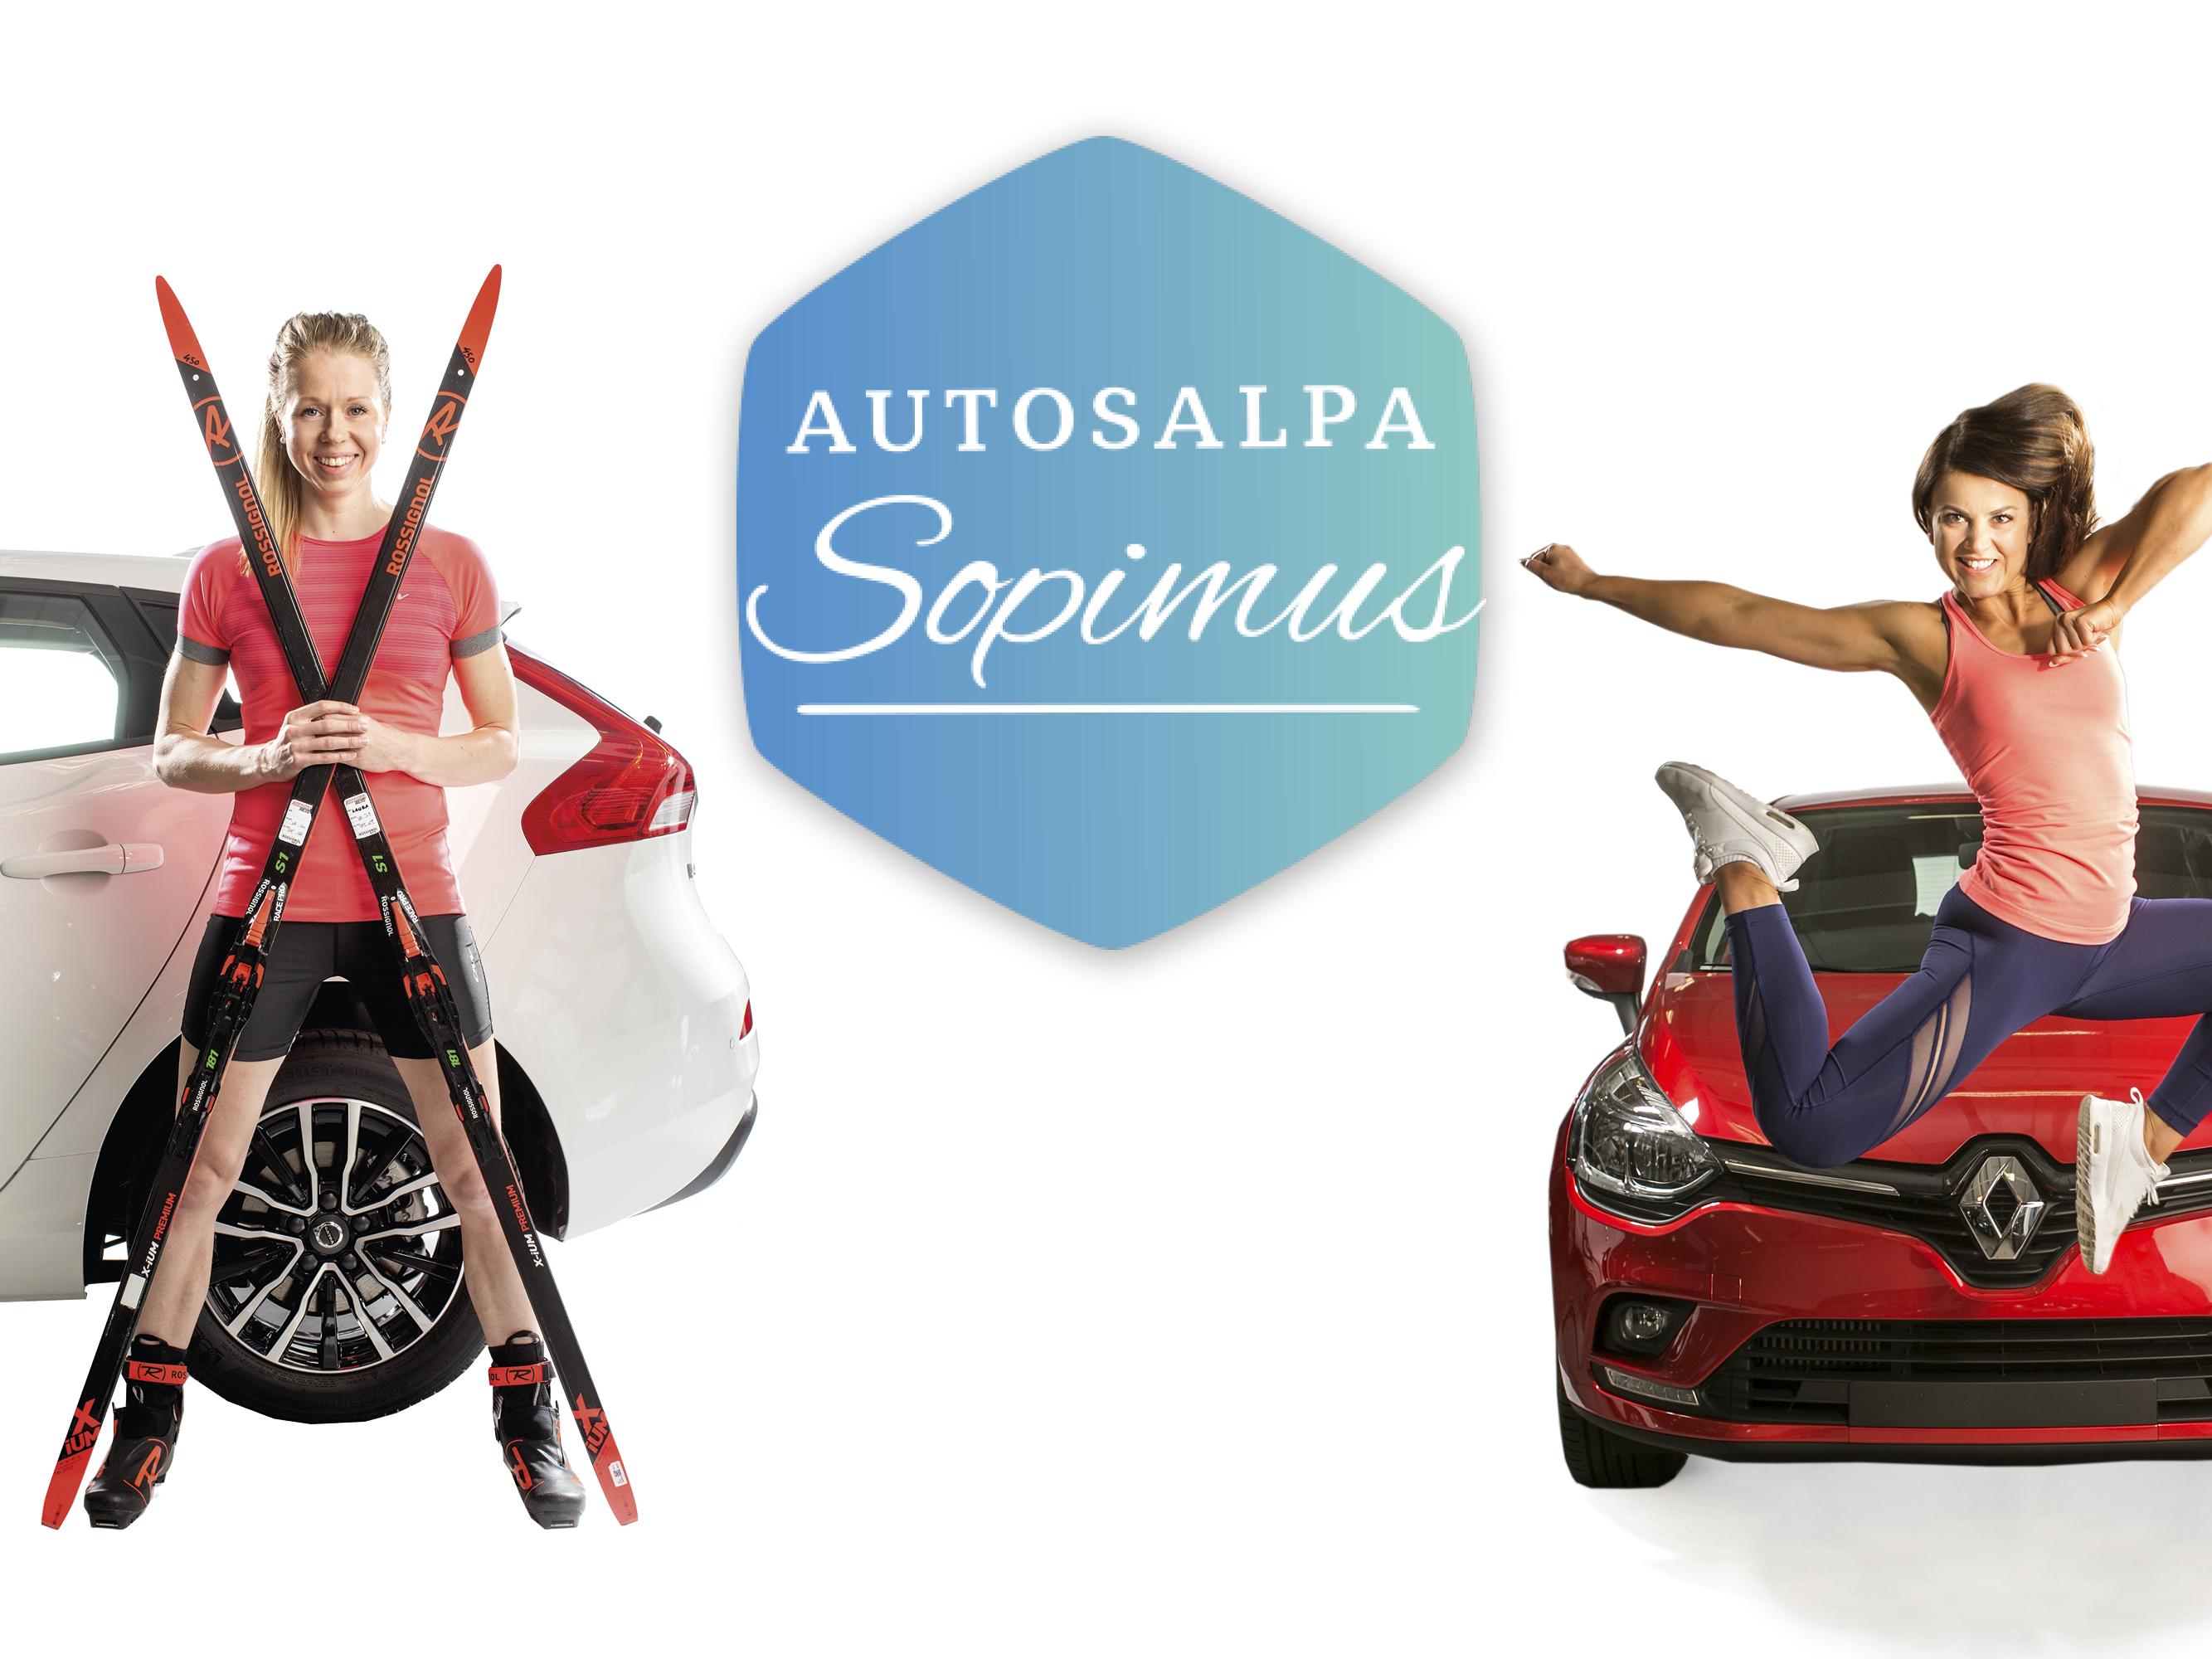 Autosalpa Sopimus - täysin uusi tapa auton omistamiseen